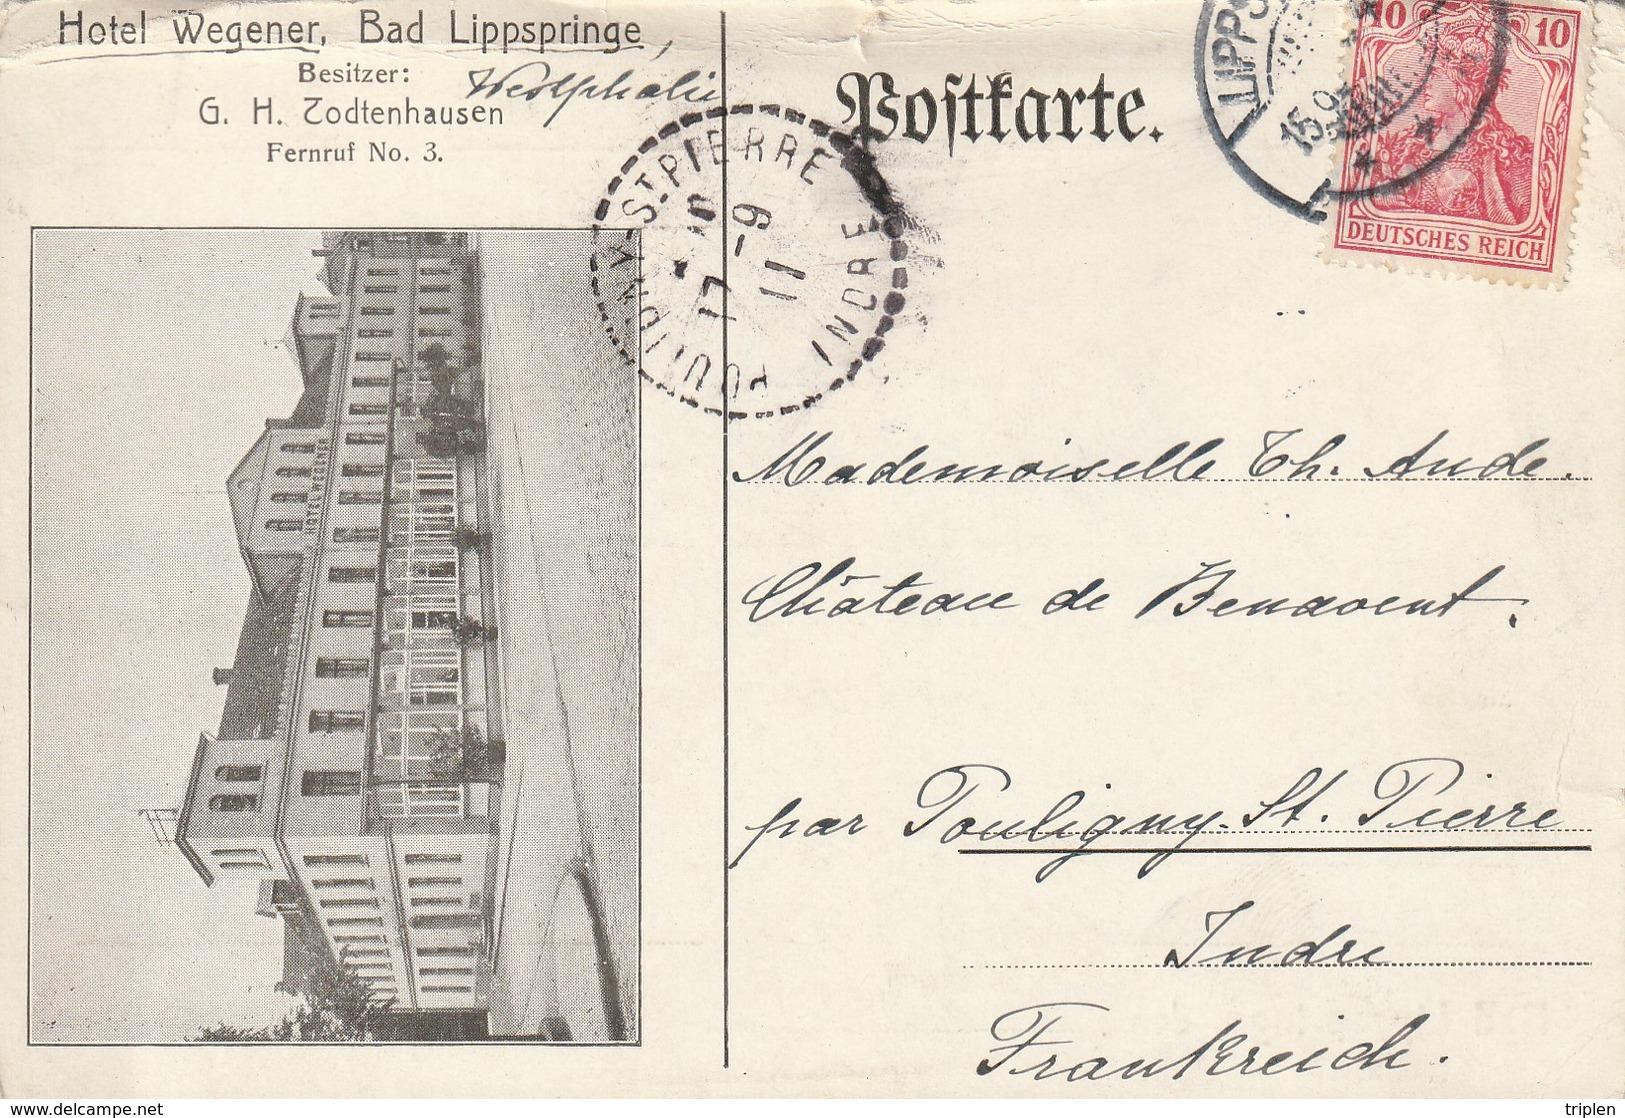 Bad Lippspringe - Hotel Wegener - Todtenhausen - Bad Lippspringe